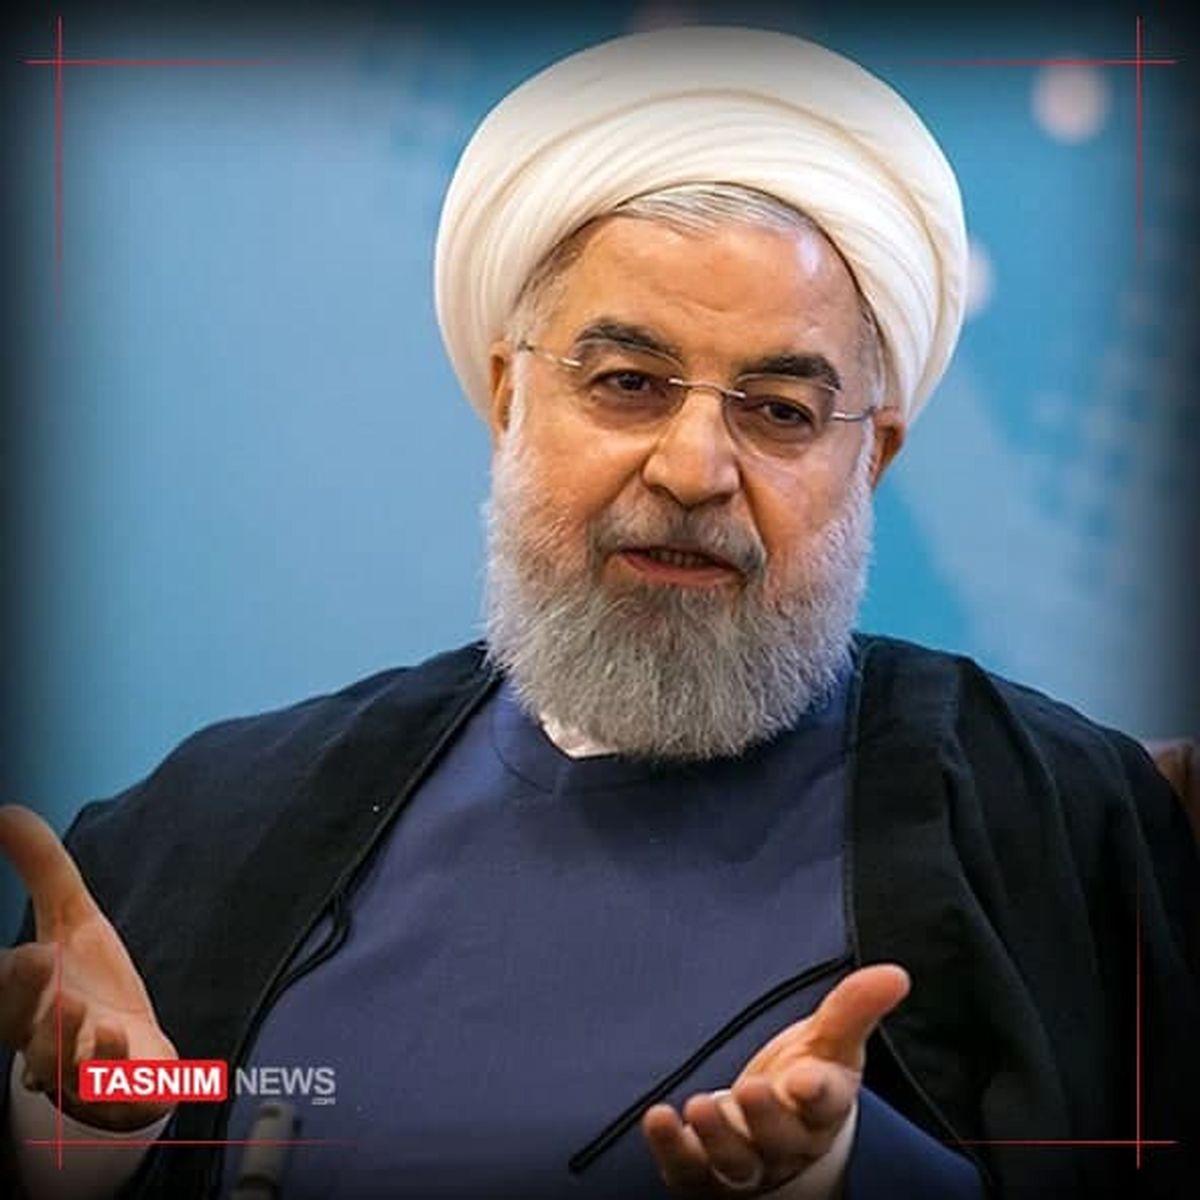 افتتاح 372 طرح گلخانهای با حضور روحانی +فیلم